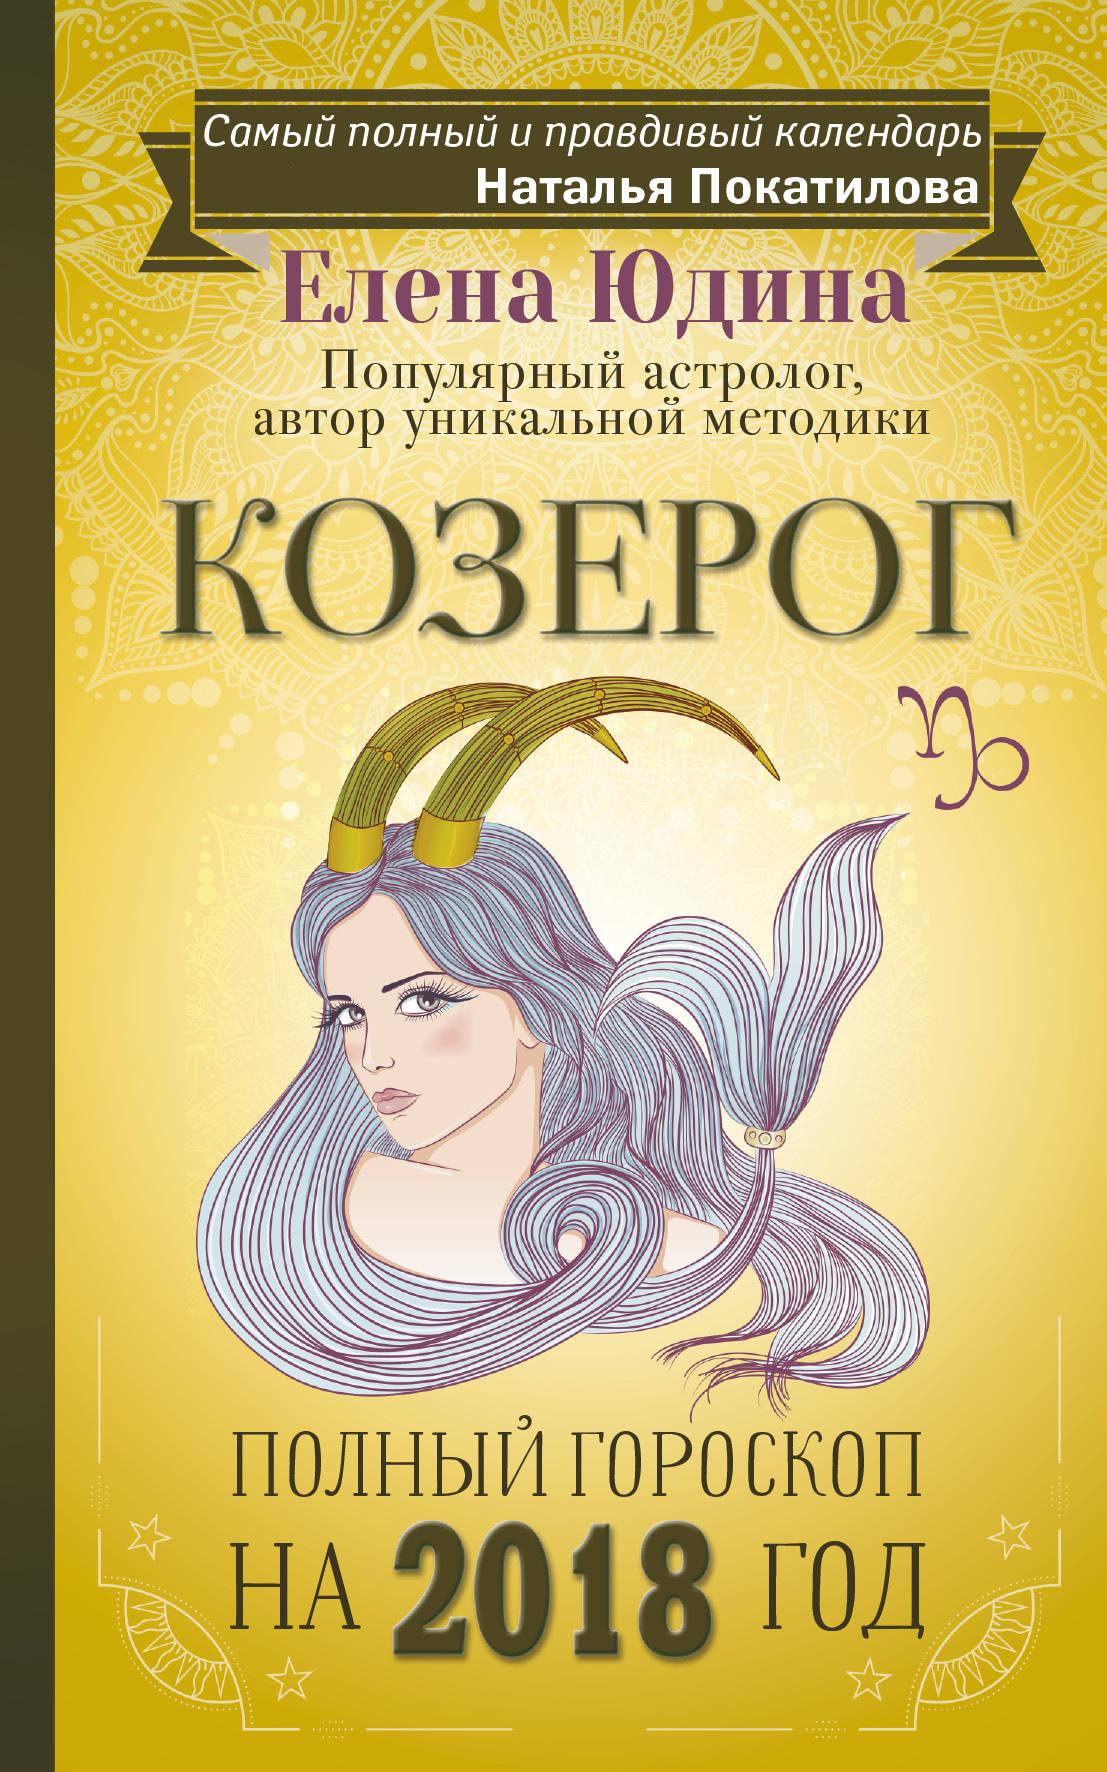 Елена Юдина Козерог. Полный гороскоп на 2018 год